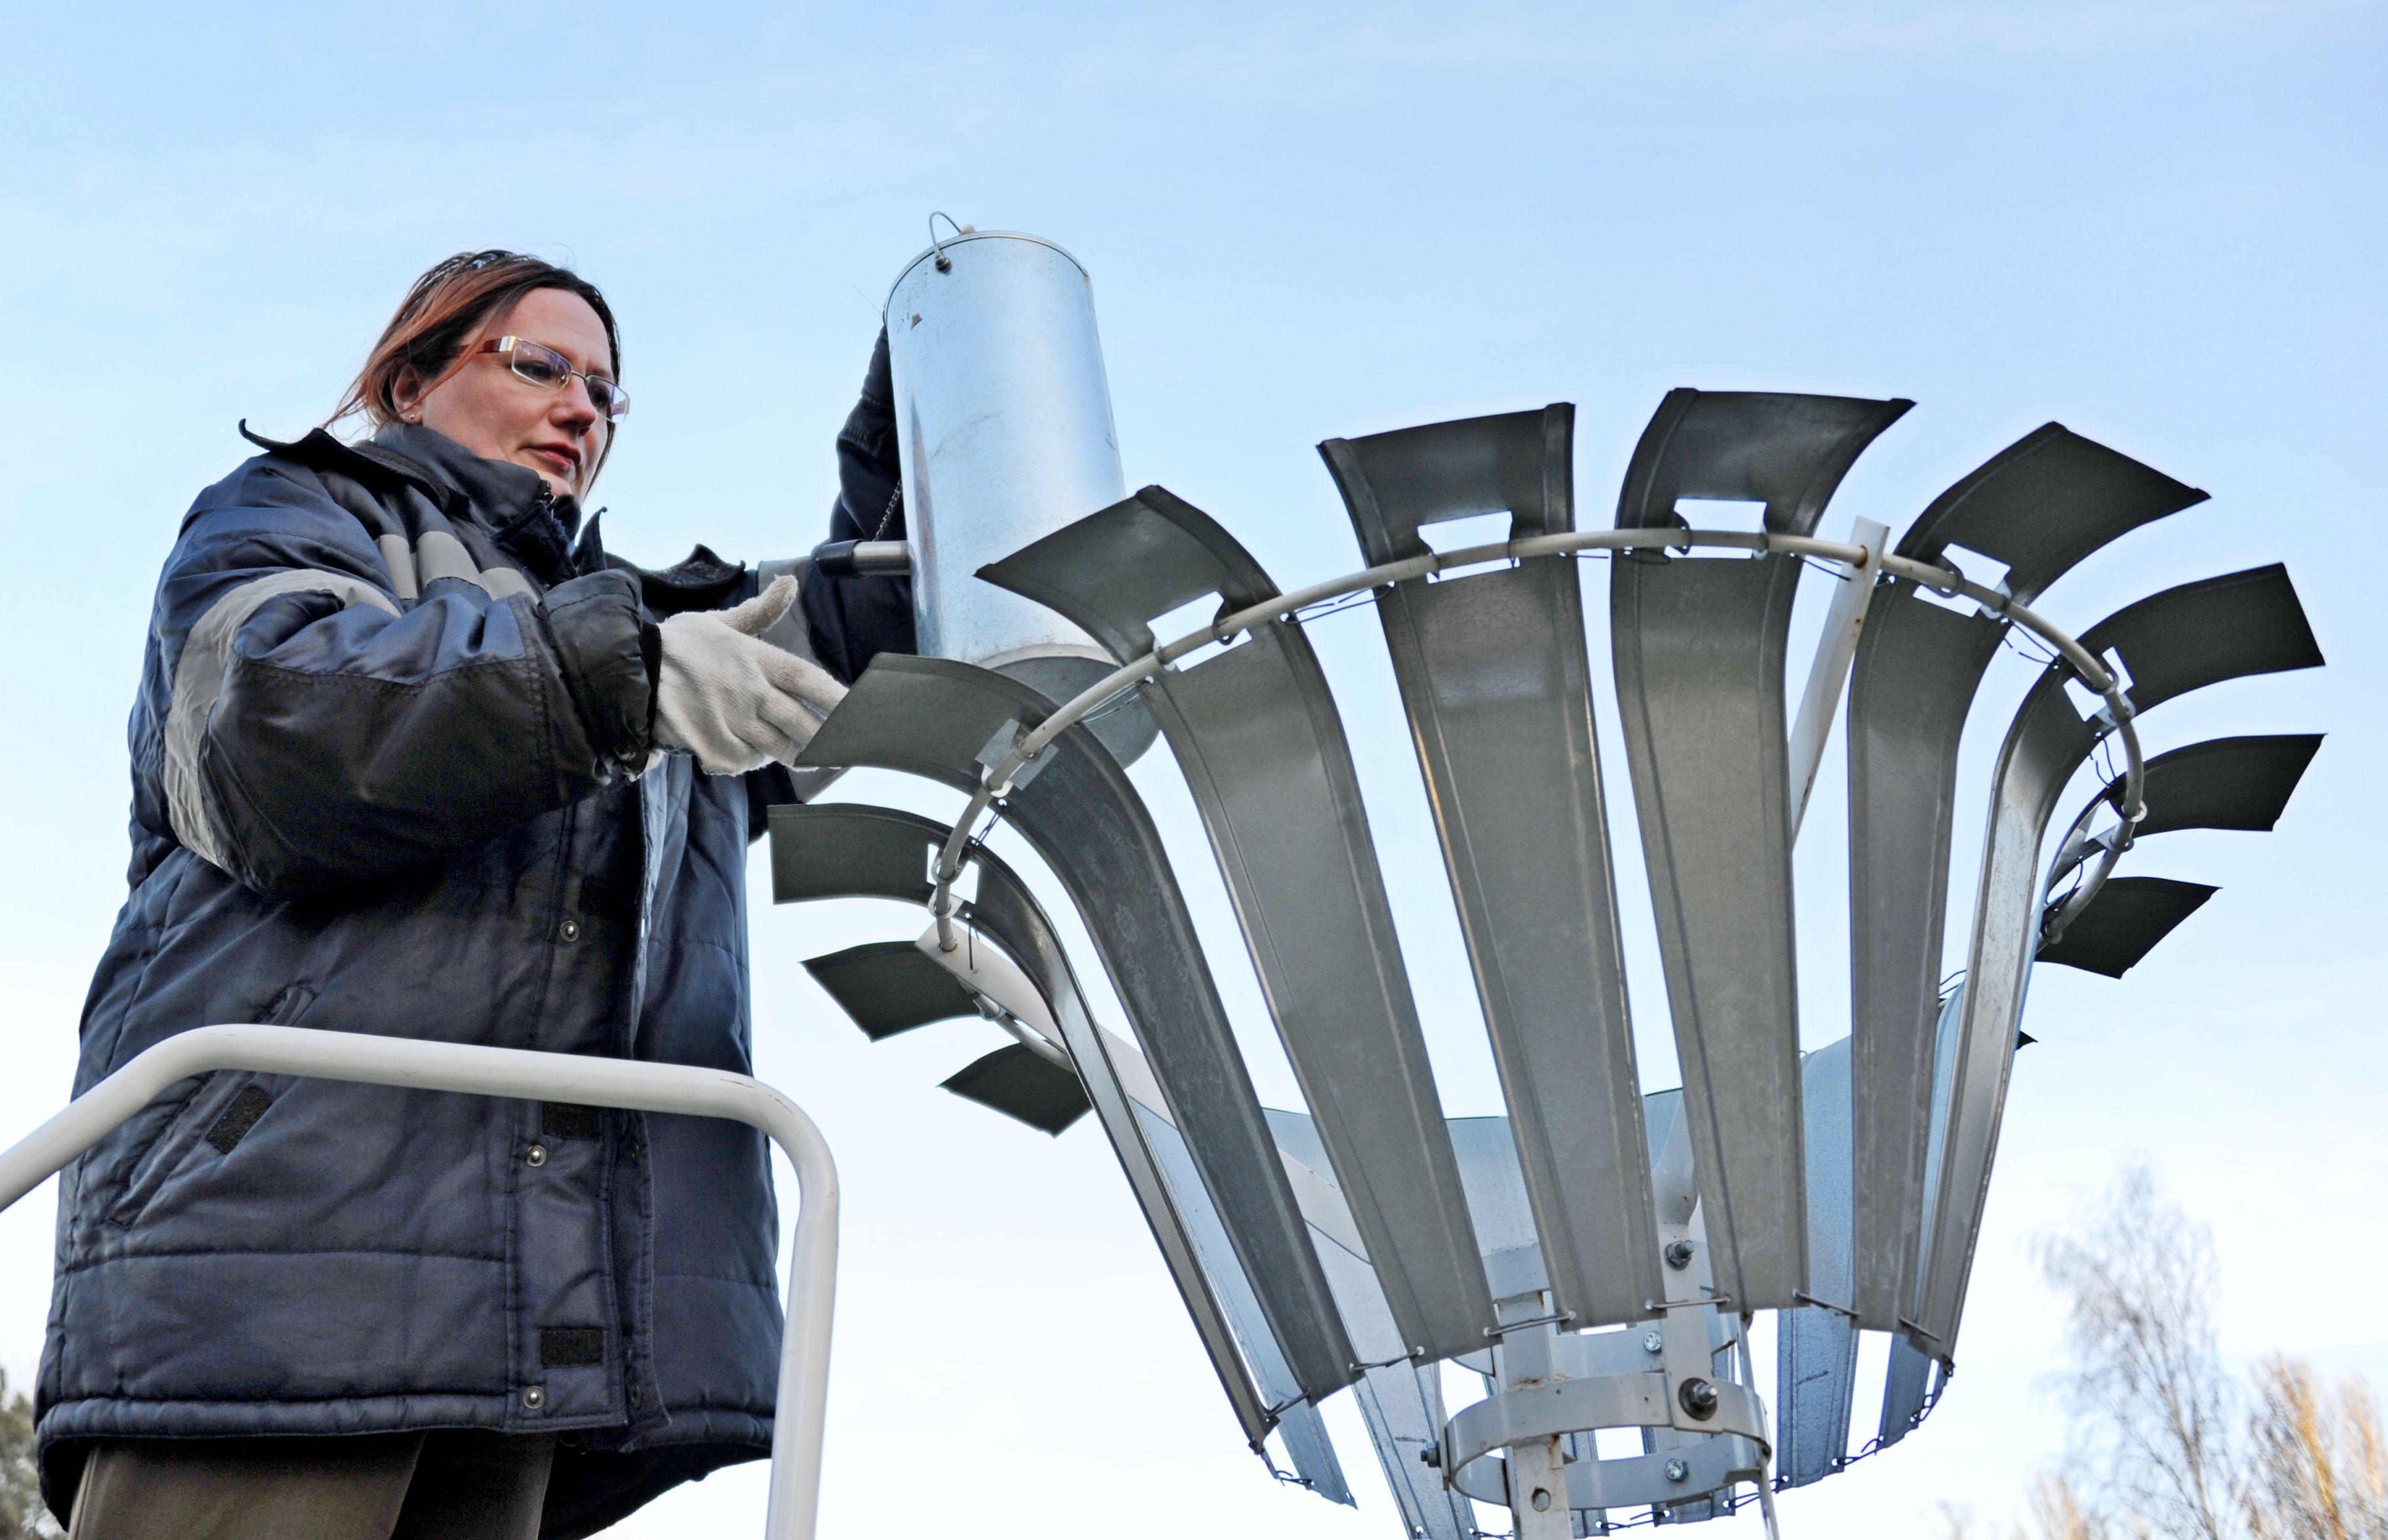 Атмосферное давление вновь подскочило в Москве